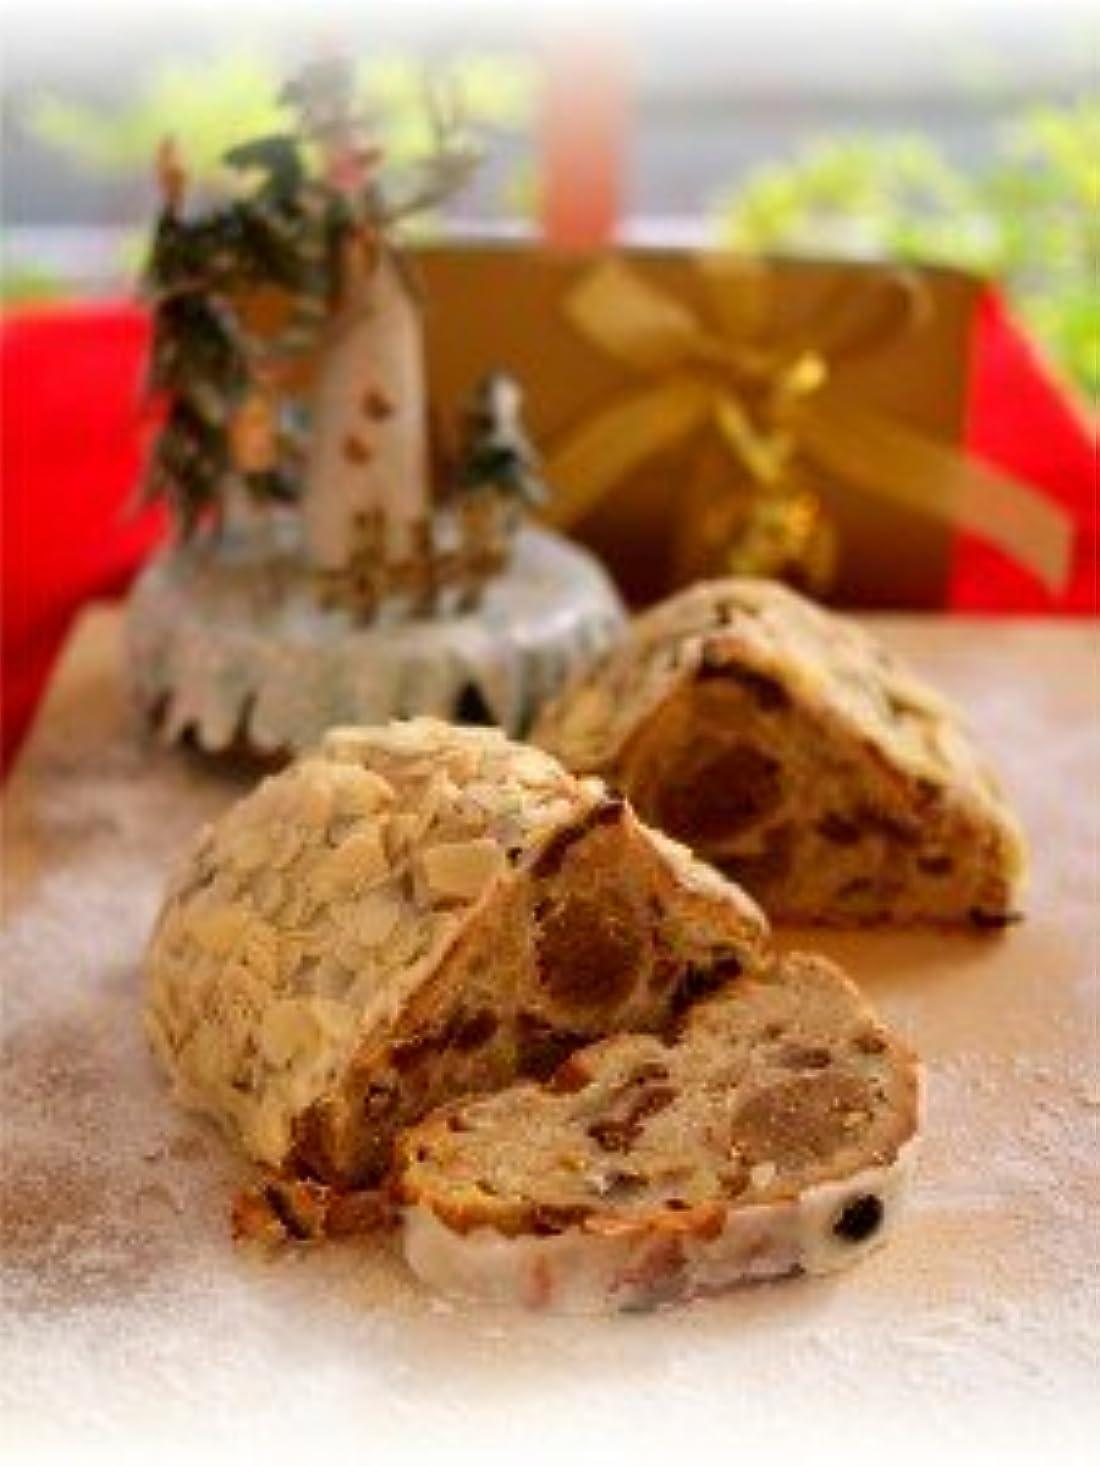 カブクリック政府お芋とくるみのパン???焼き芋感覚でいただける、とってもうれしい、ほっこり幸せなパンです。Potato and walnut bread 紅薯和核桃麵包